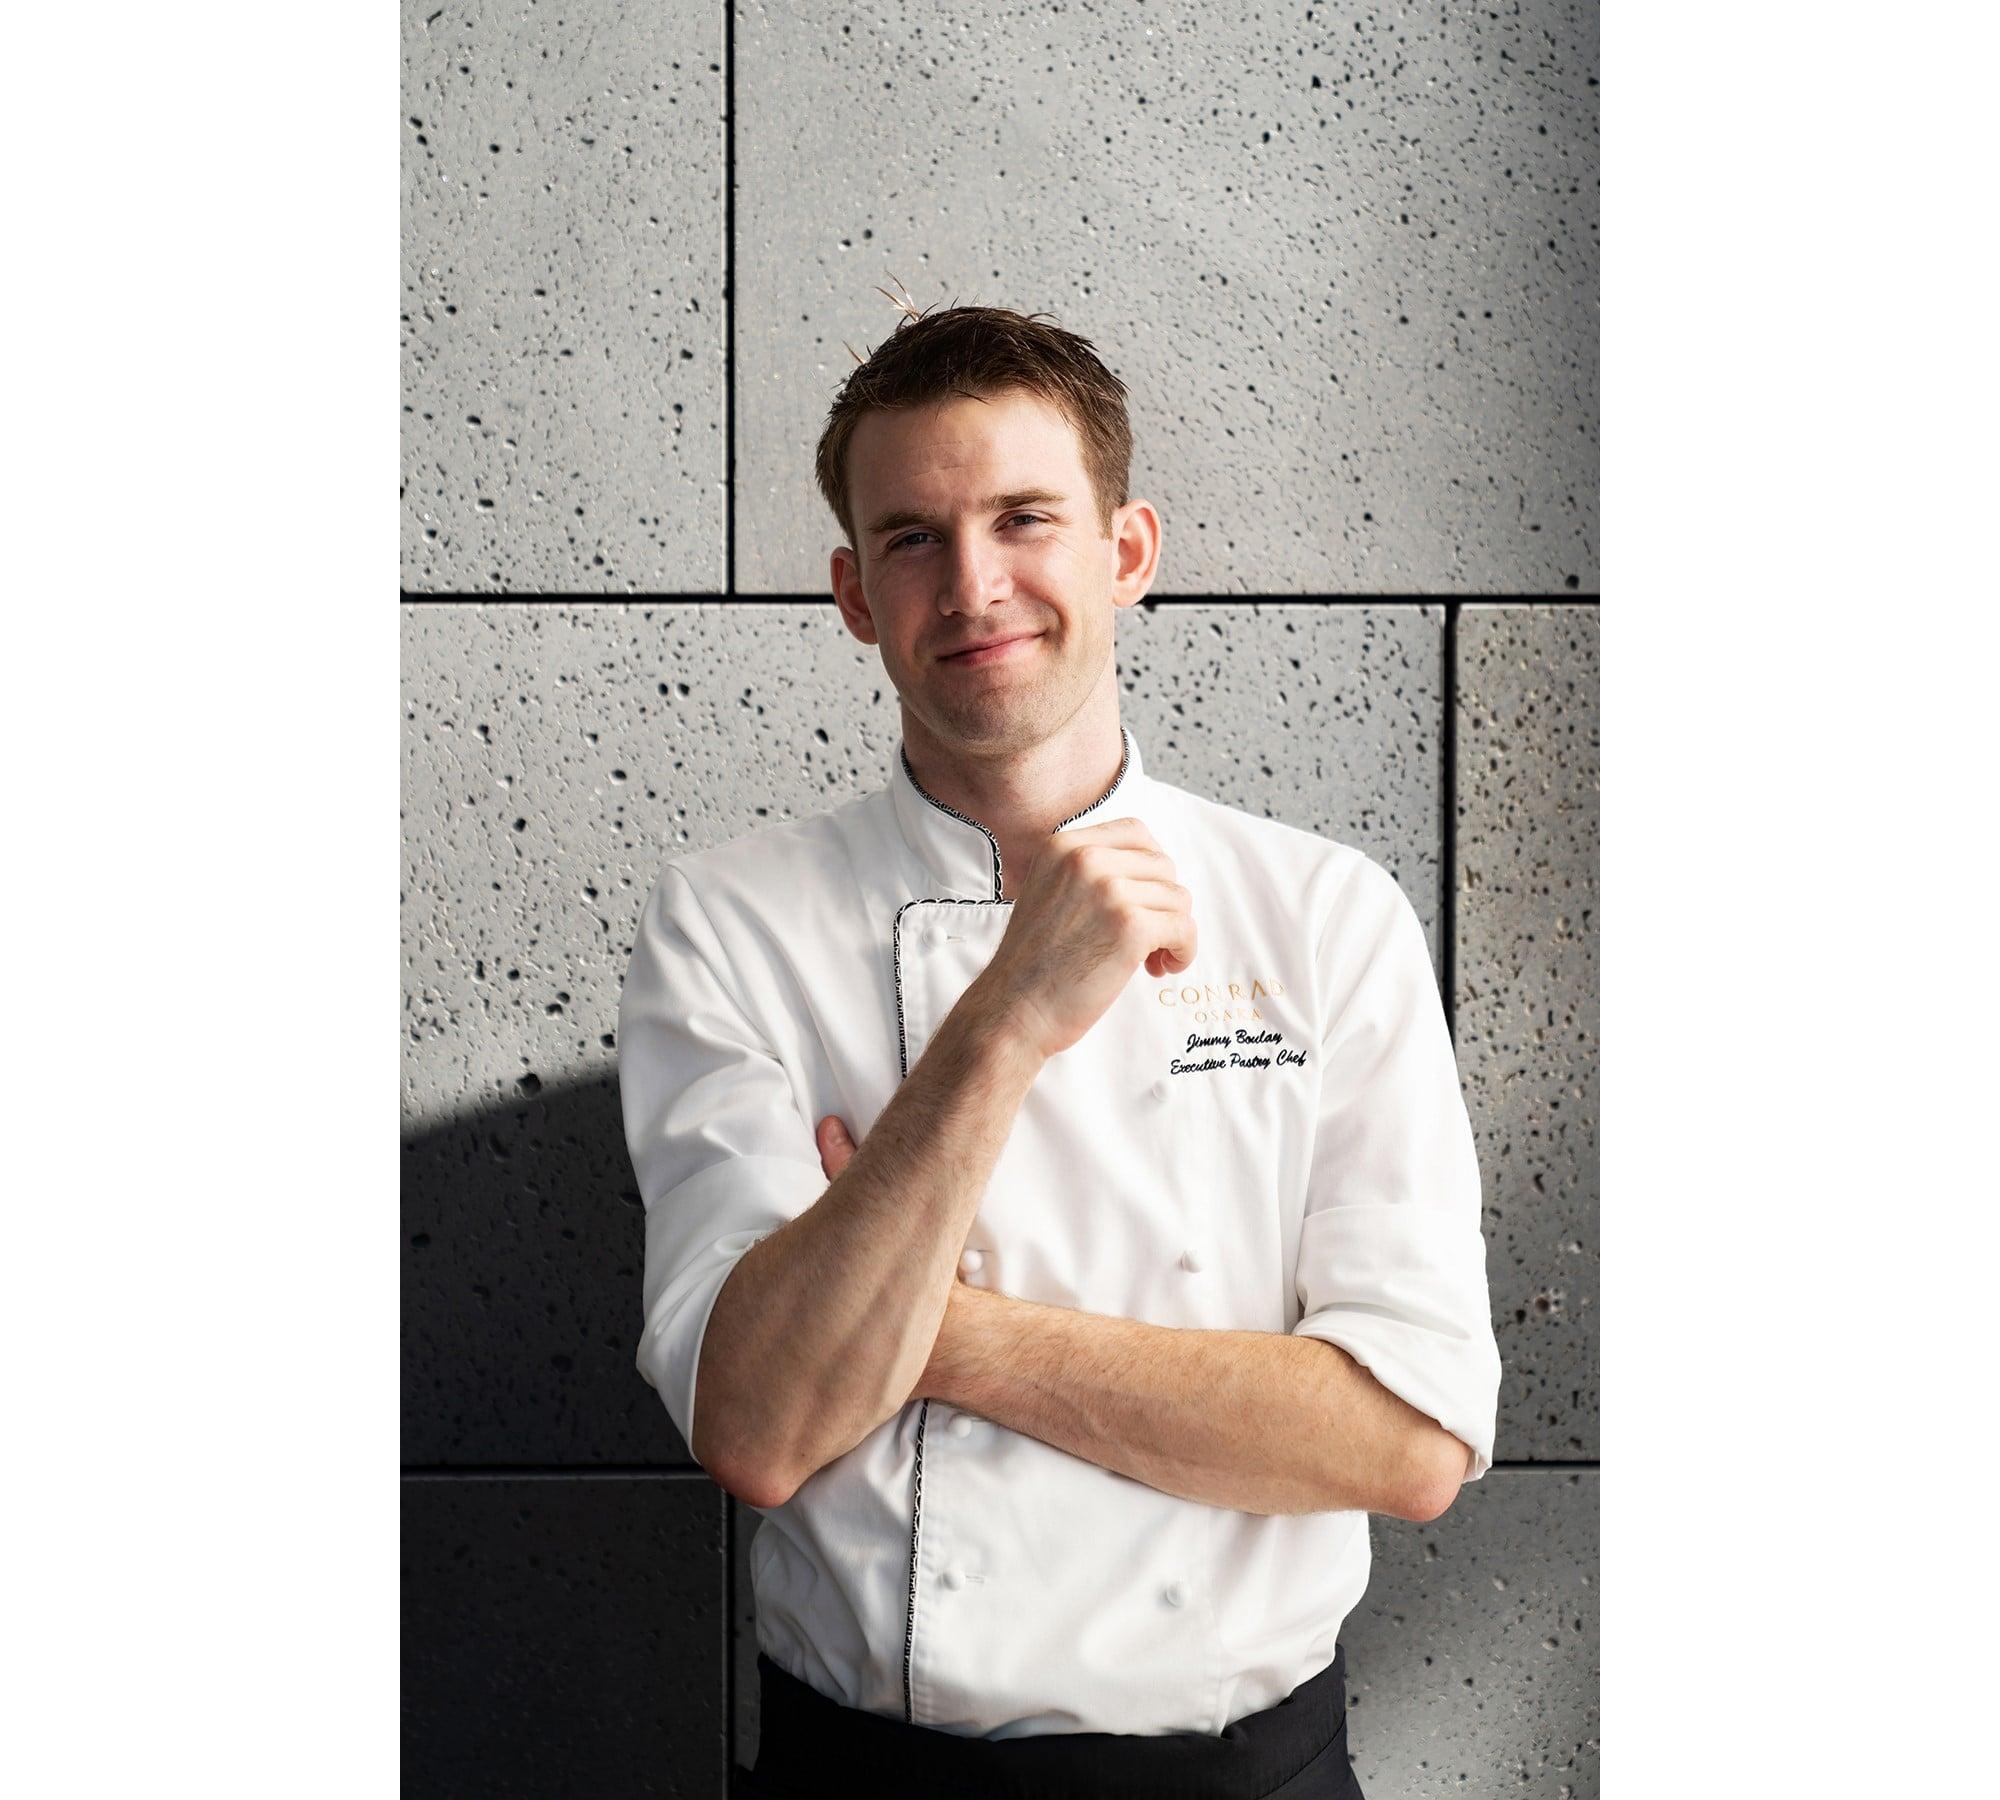 コンラッド大阪 エグゼクティブペストリーシェフ ジミー・ブーレイ。有名ホテルでペストリーシェフとして活躍した若き才能。最高の食材を使い、アートのようなデザートを提供する。